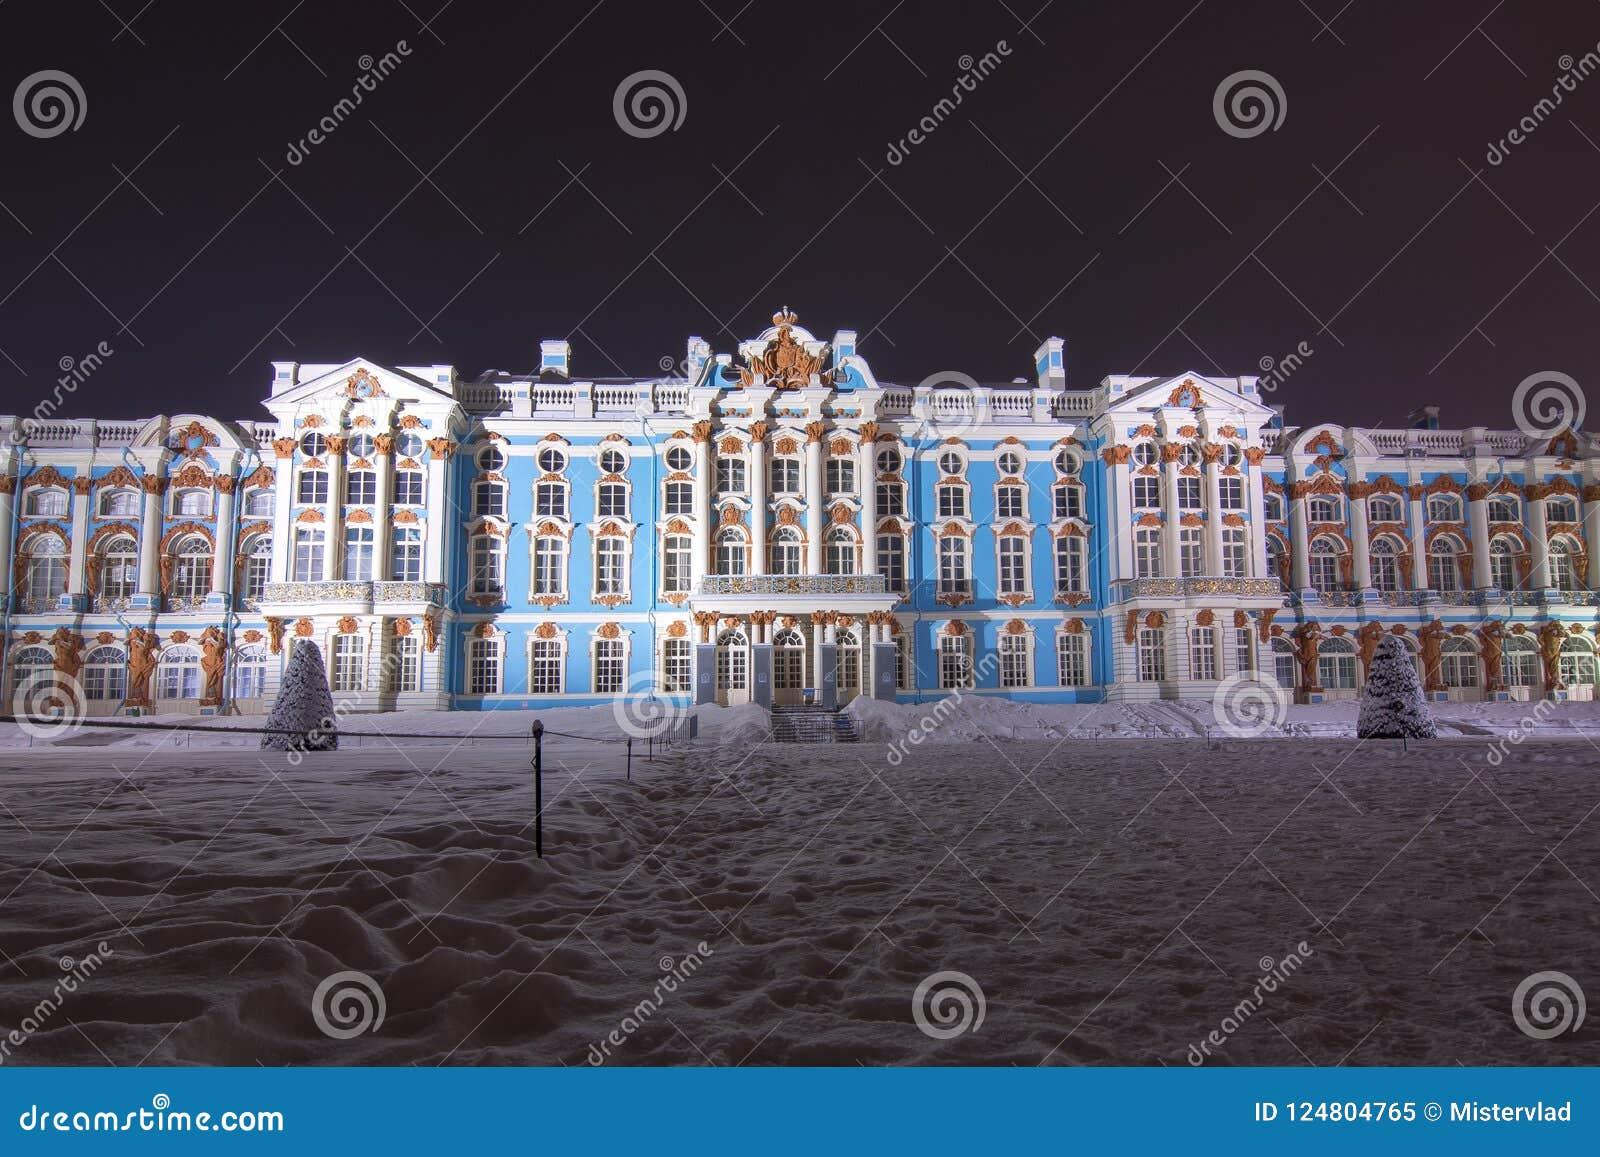 Palacio y parque de Catherine en invierno en la noche, Tsarskoe Selo, St Petersburg, Rusia